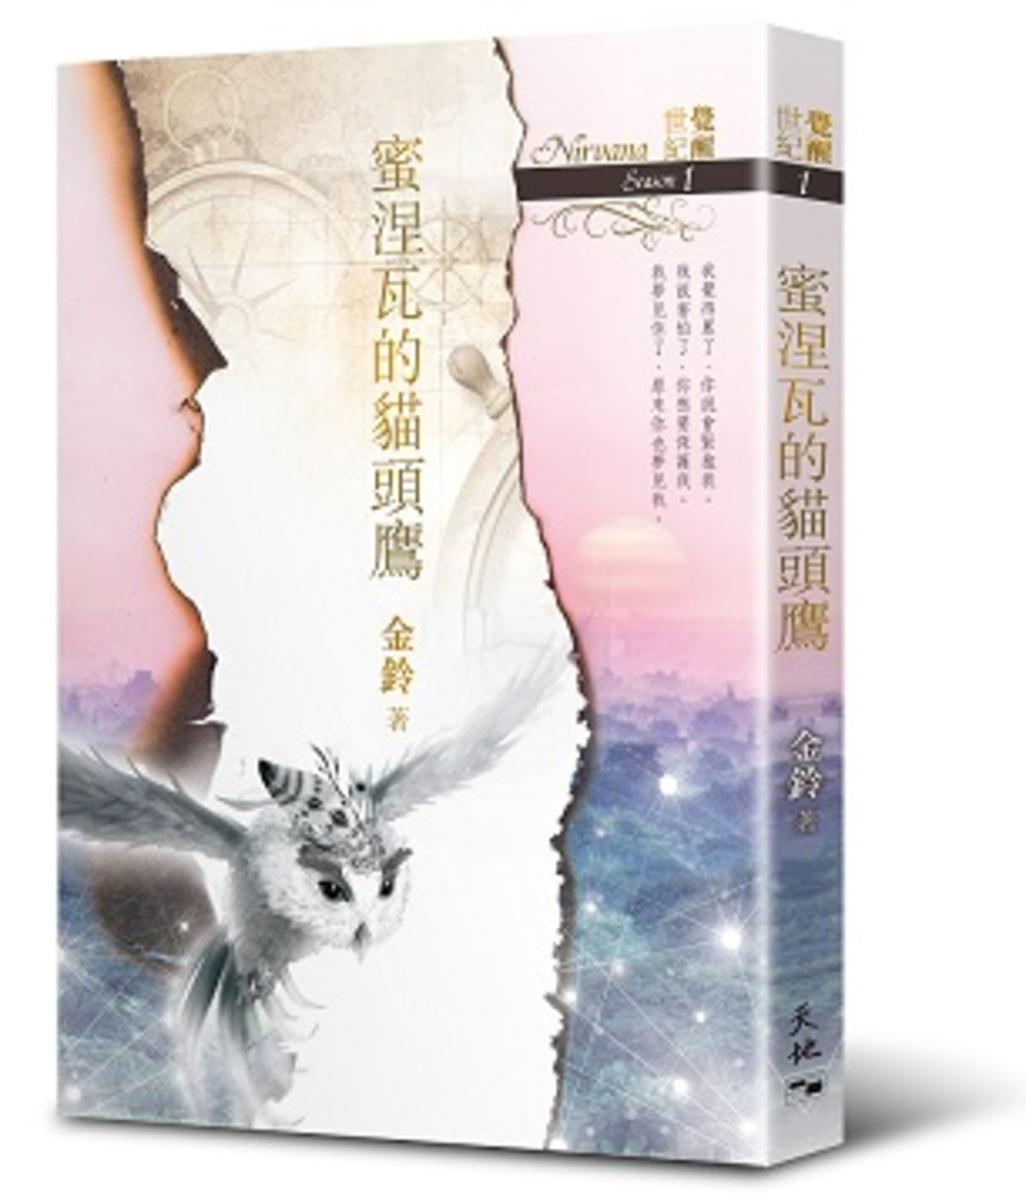 覺醒世紀 1:蜜涅瓦的貓頭鷹 | 金鈴